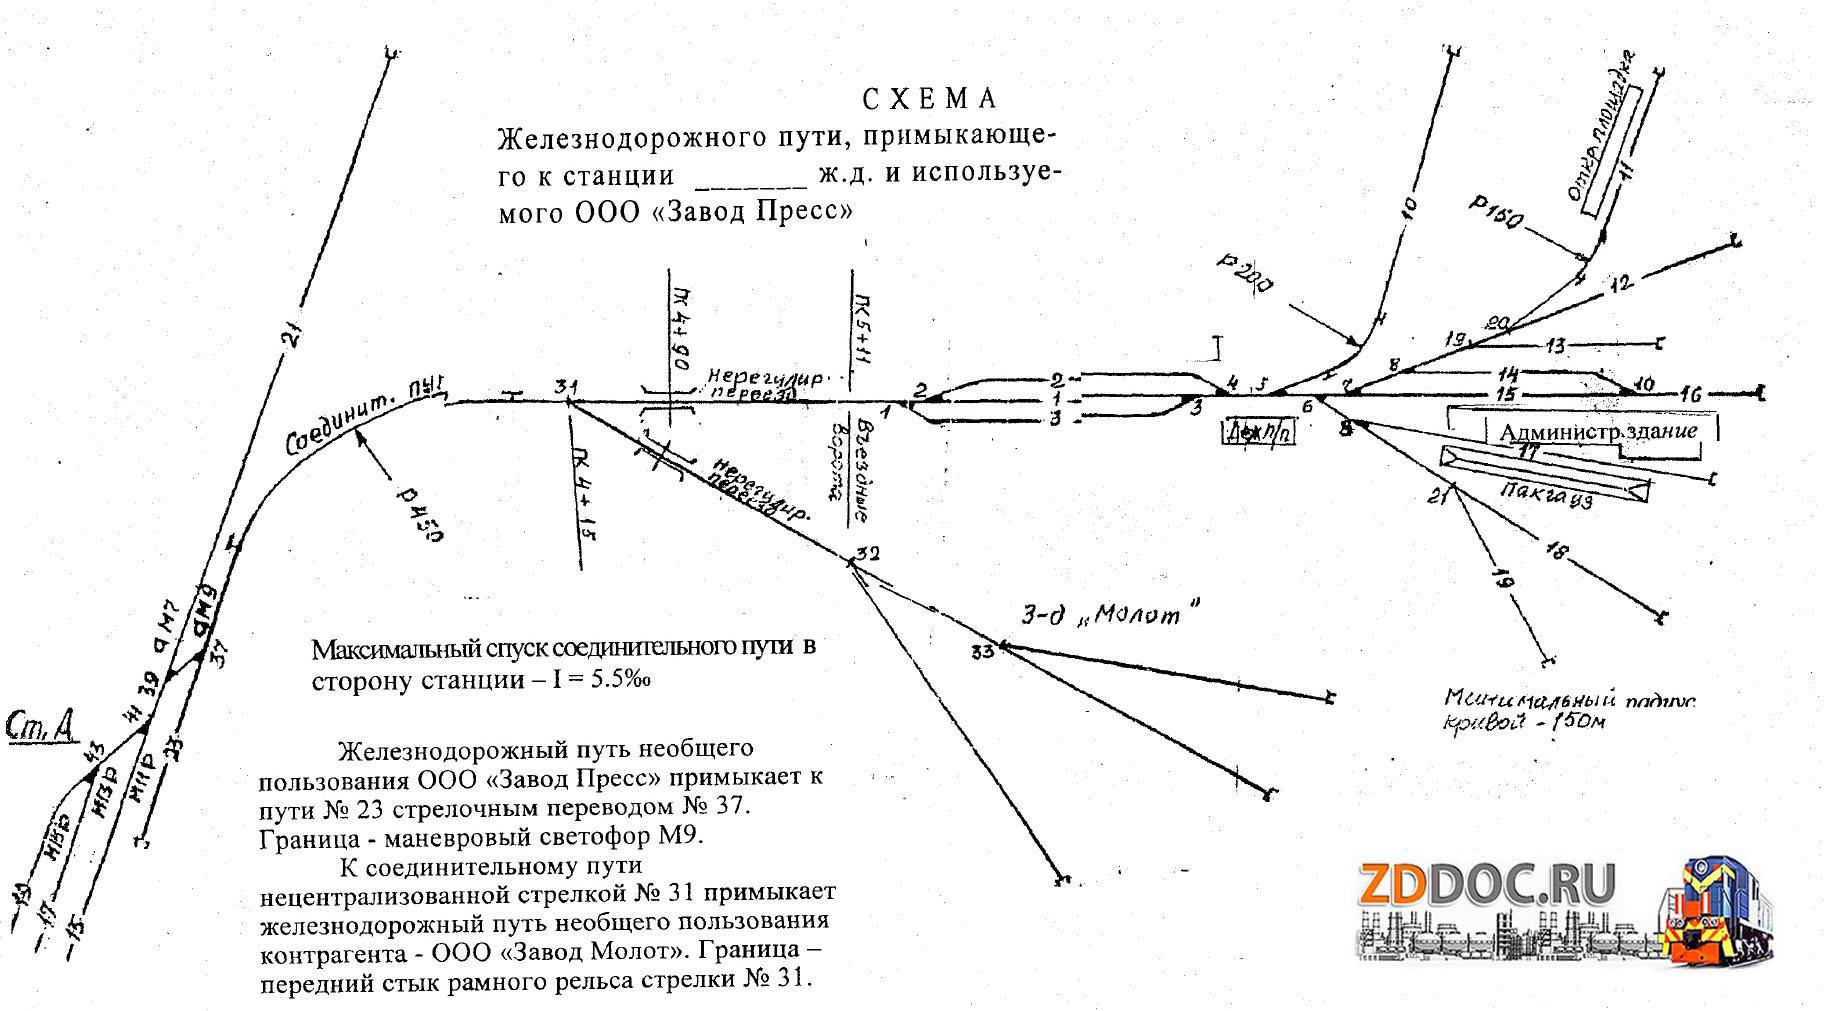 Указание МПС РФ № С-5668у от 17.05.1994 Приложение 1